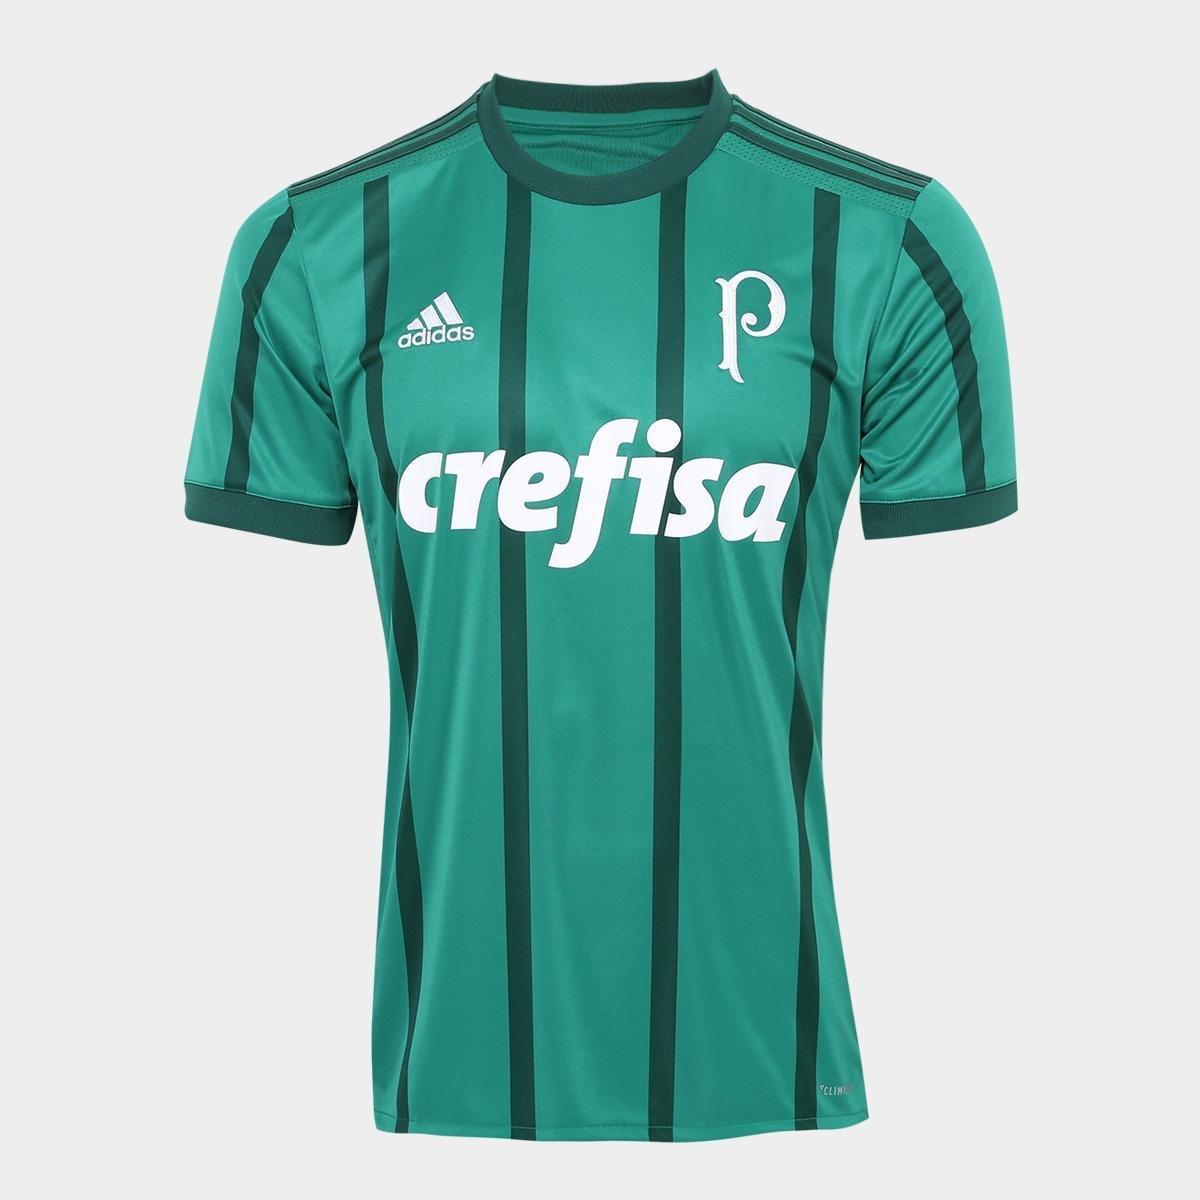 d23e2d211c8a4 Camisa Palmeiras I 17 18 s nº Torcedor Adidas Masculina - Verde - Compre  Agora